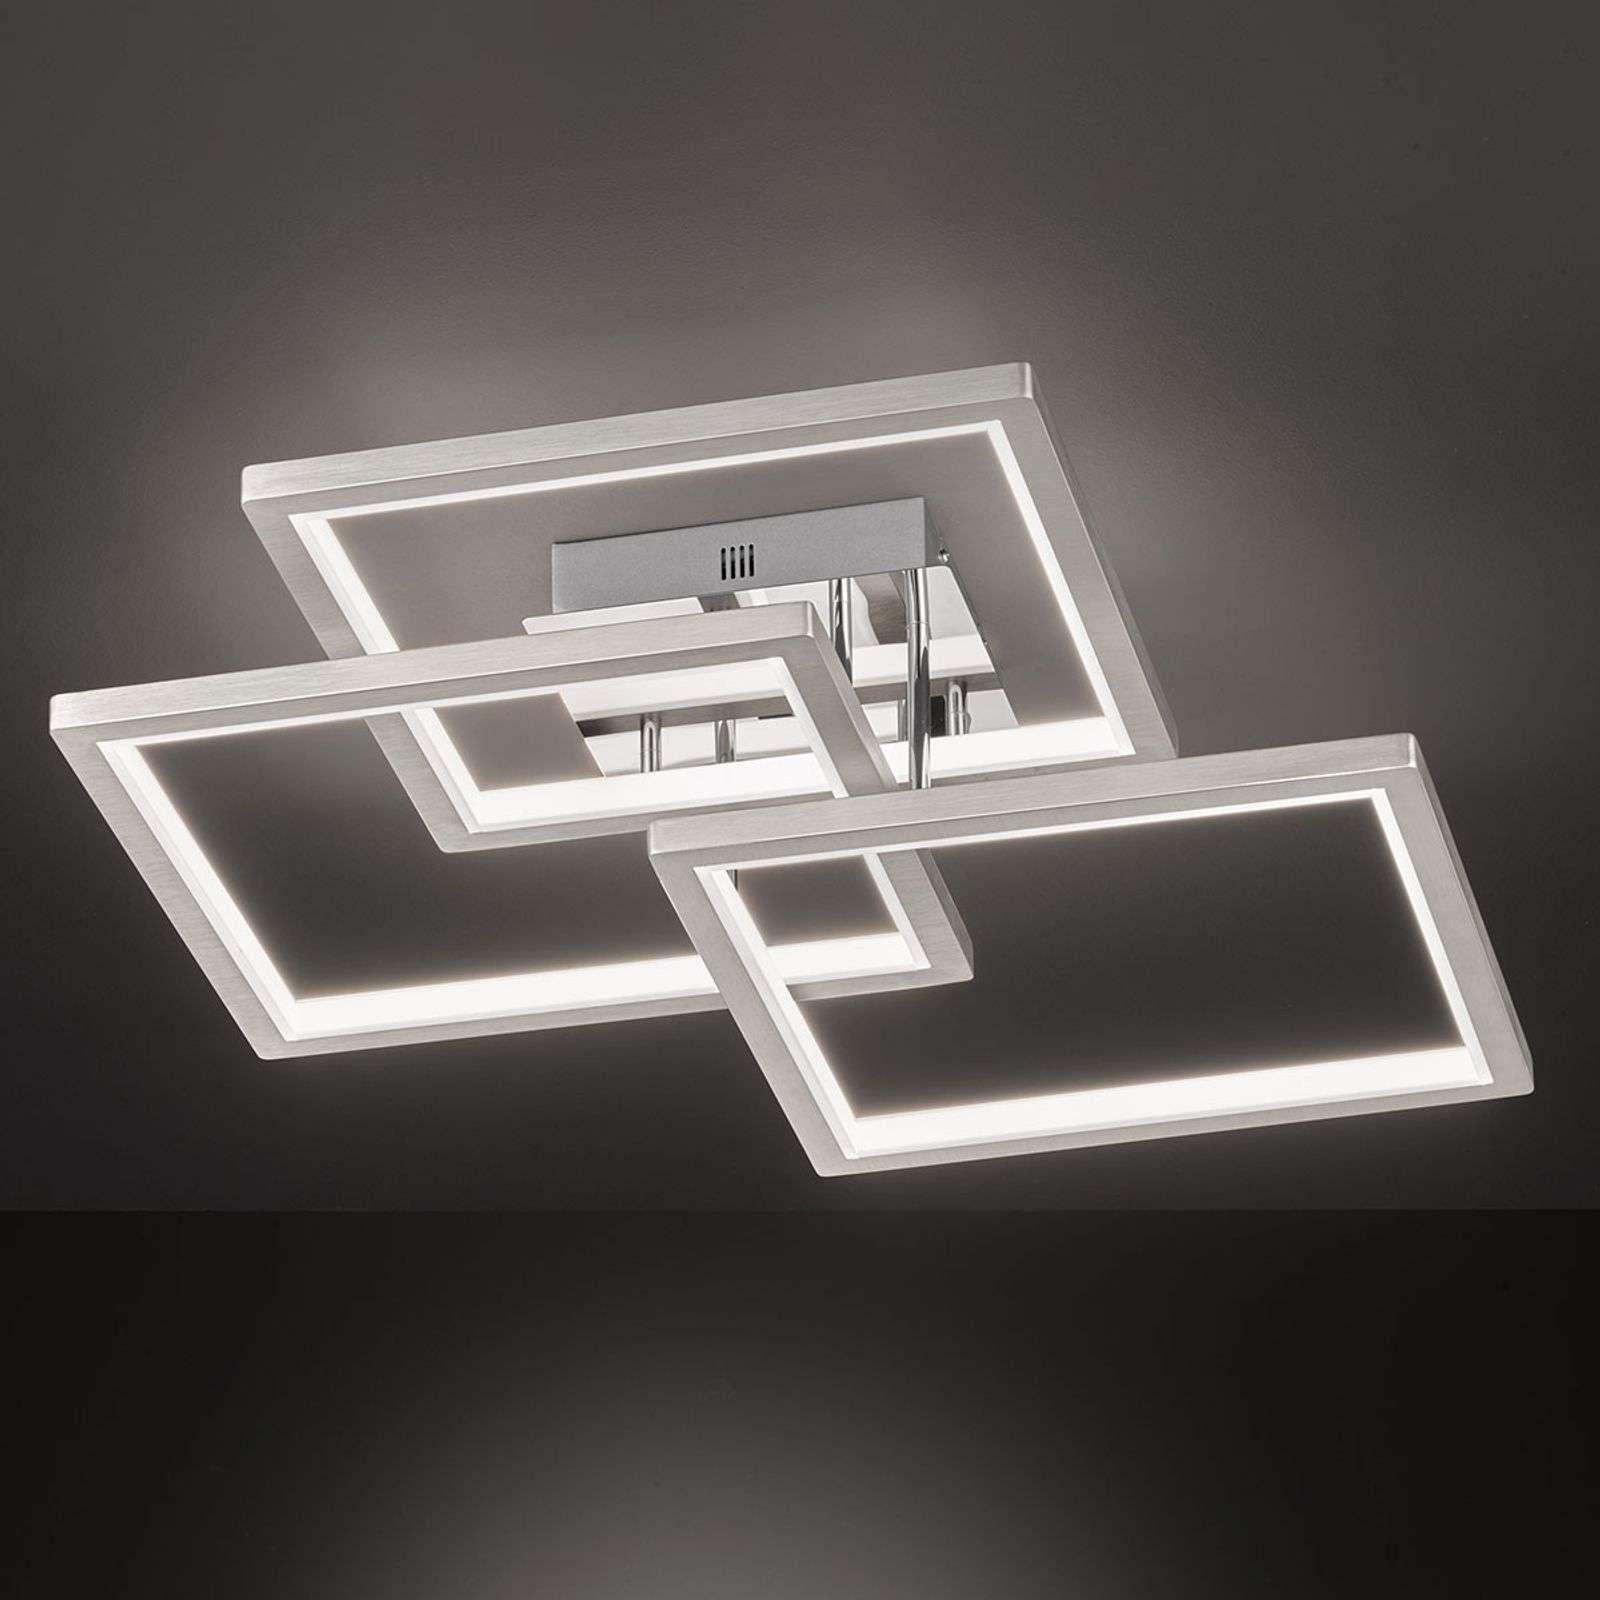 Full Size of Moderne Wohnzimmerlampen Led Modern Lampe Dimmbar Machen Mit Fernbedienung Ikea Bauhaus Funktioniert Nicht Wohnzimmerlampe Hornbach Deckenleuchte Wohnzimmer Led Wohnzimmerlampe